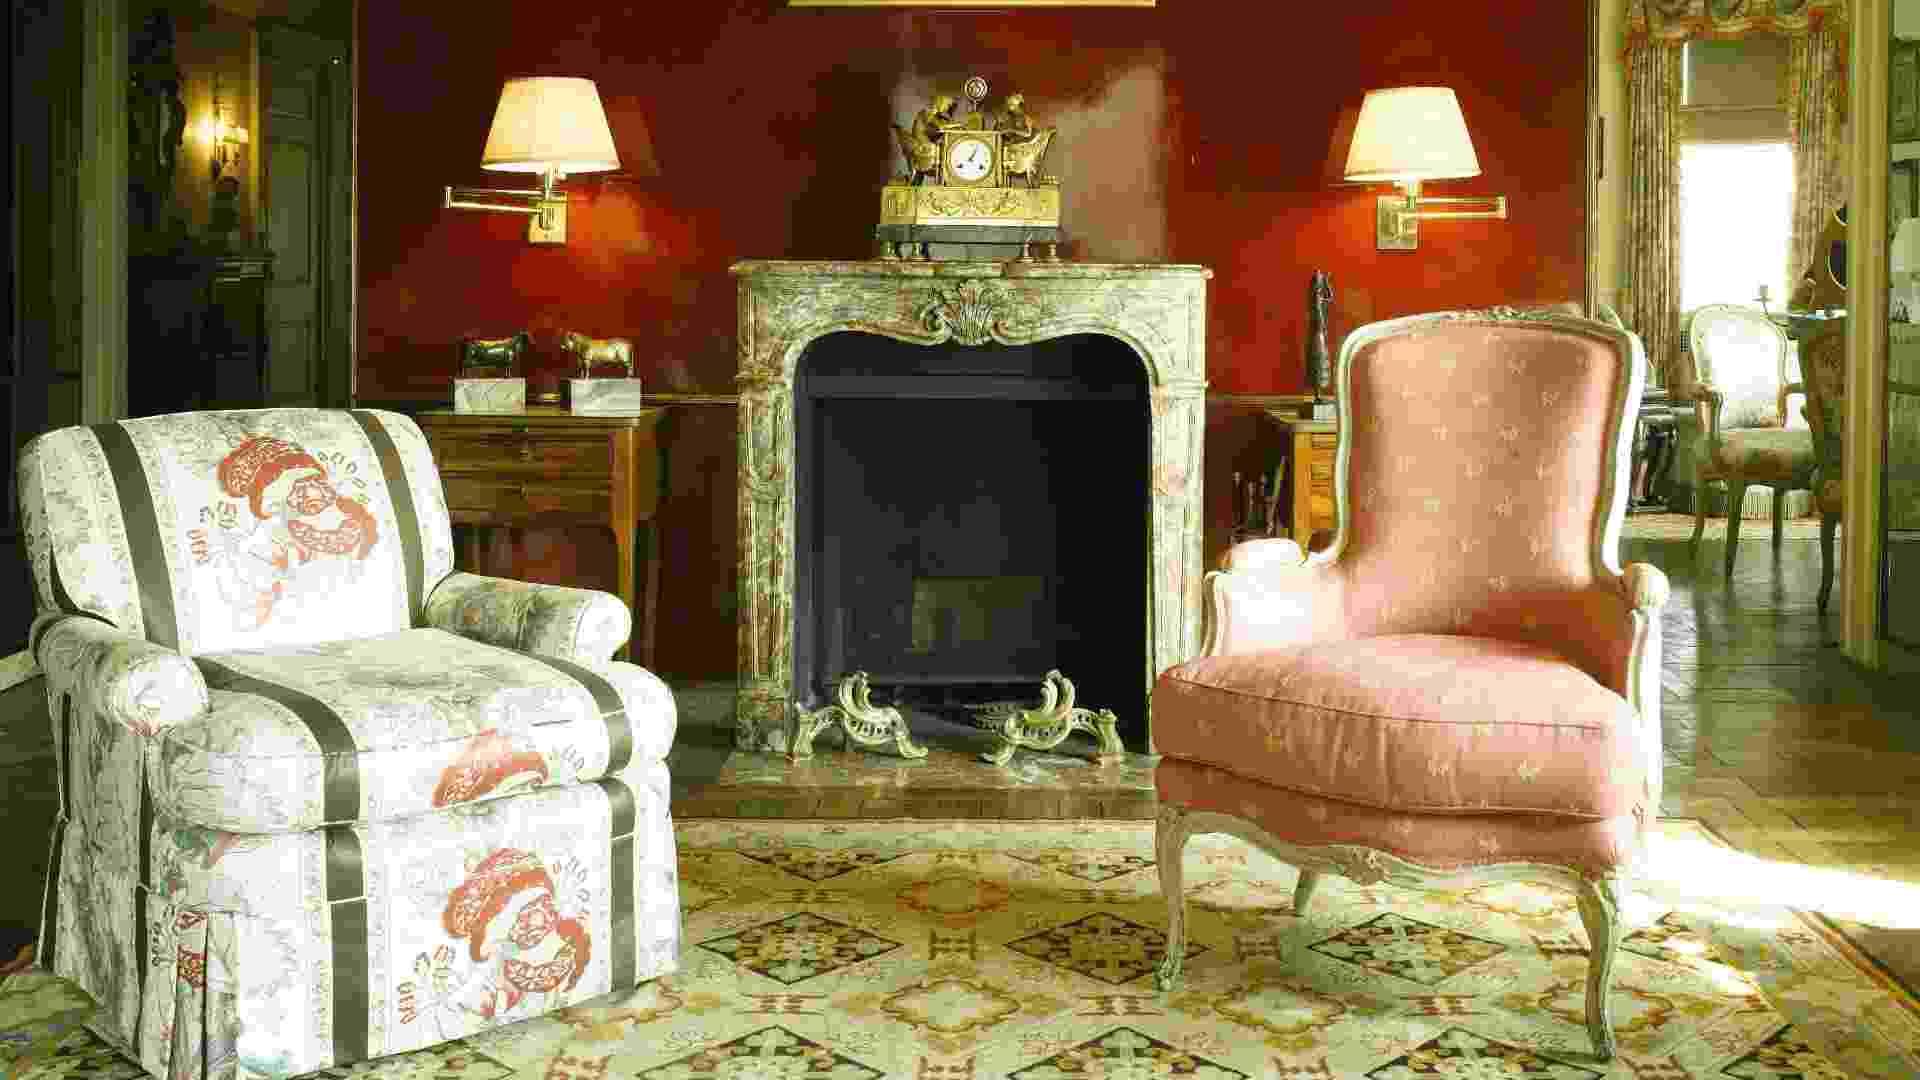 Objetos e ambientes da casa da filantropa Brooke Astor, leiloados pela Sotheby's (imagem do NYT, usar apenas no respectivo material) - Divulgação Sotheby's/ The New York Times